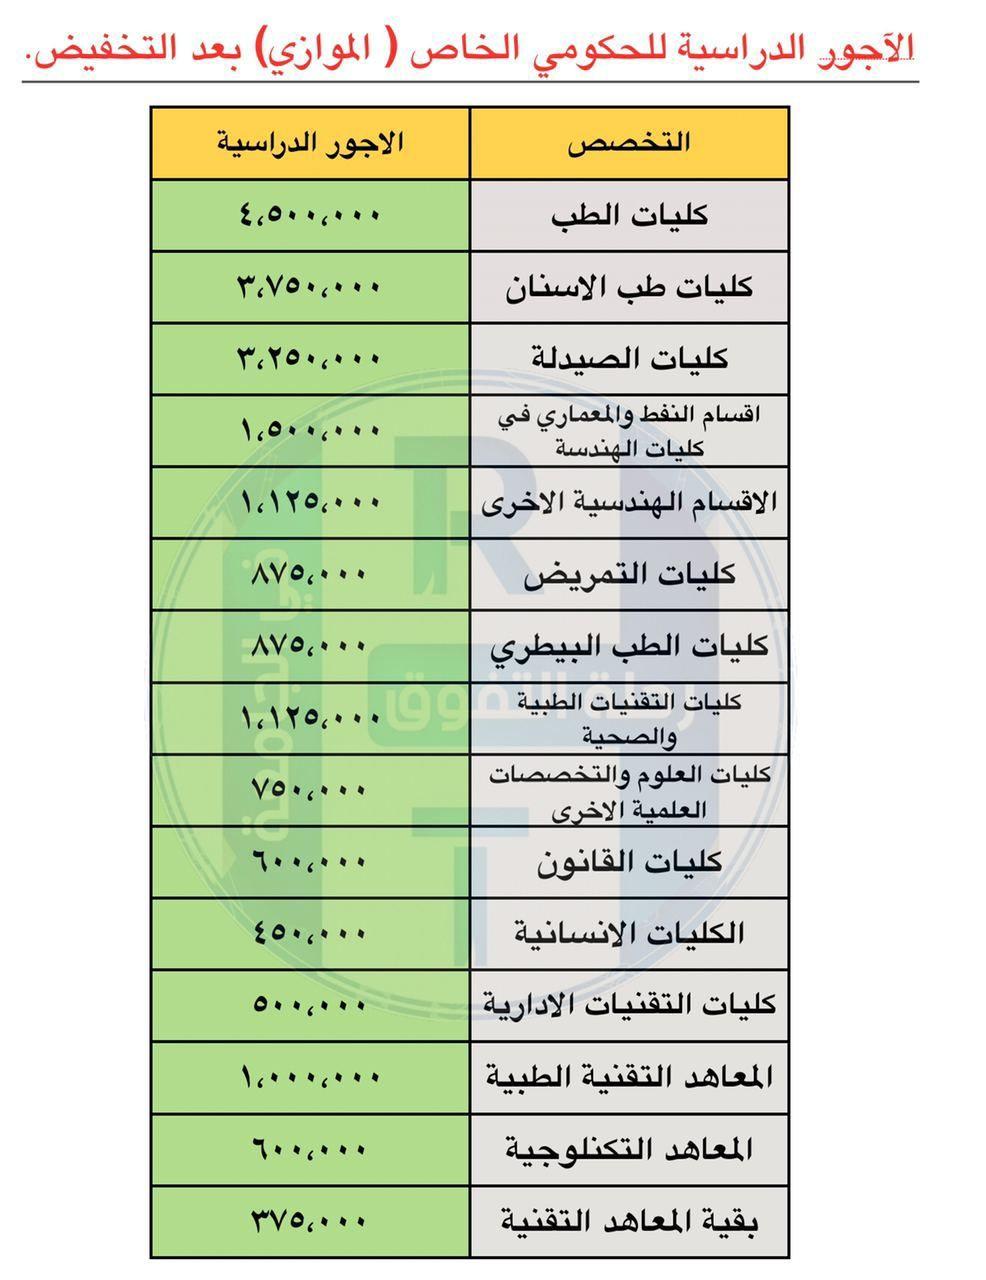 اهلا بكم متابعي موقع وقناة الاستاذ احمد مهدي شلال في هذا الموضوع سنعرض لكم شرح كامل عن اجور دراسة الموازي بعد التخفيض In 2021 Blog Posts Periodic Table Map Screenshot